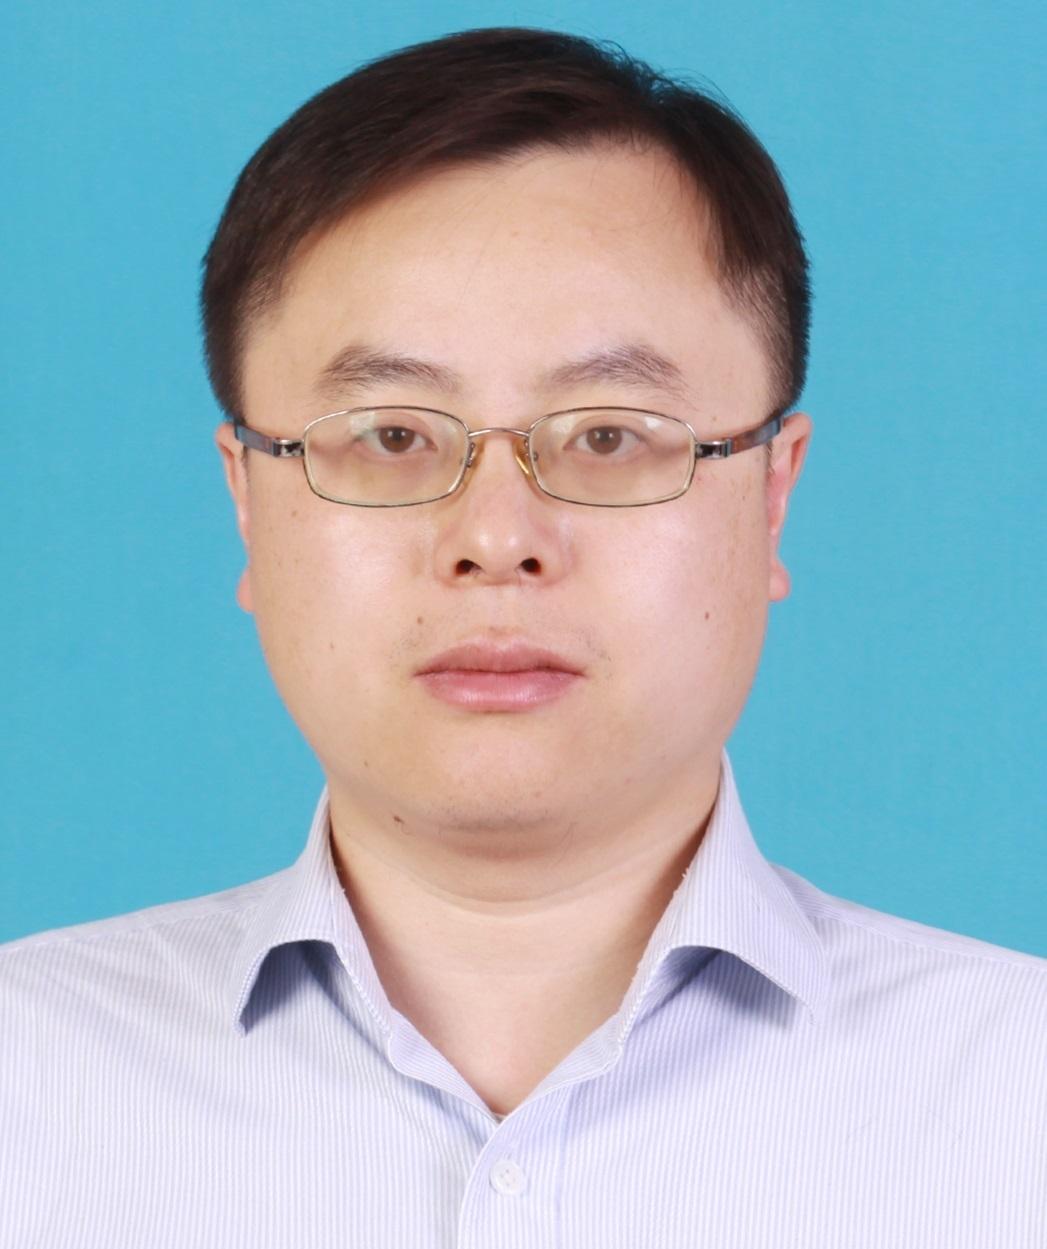 """中国科学技术大学化学系教授,博士生导师。2001及2004年先后在北京师范大学获分析化学学士和硕士学位,2007年在清华大学获得博士学位。2012-今在中国科学技术大学化学系任教。于2013年入选中组部第四批""""青年千人计划。美国质谱协会会员,中国质谱分析专业委员会委员。长期从事质谱分析及其化学、生命科学等领域的应用研究。目前主要承担国家自然科学基金青年及面上项目,中组部千人计划以及科技部重大研发计划子课题等课题。在Cell,PNAS,Angew. Chem. Int. Ed.,Anal. Chem.,Chem. Sci., Chem. Comm. 等国际期刊上发表论文50余篇,引用1200余次。于2018年获得中国质谱学会首届""""质谱青年奖""""。"""